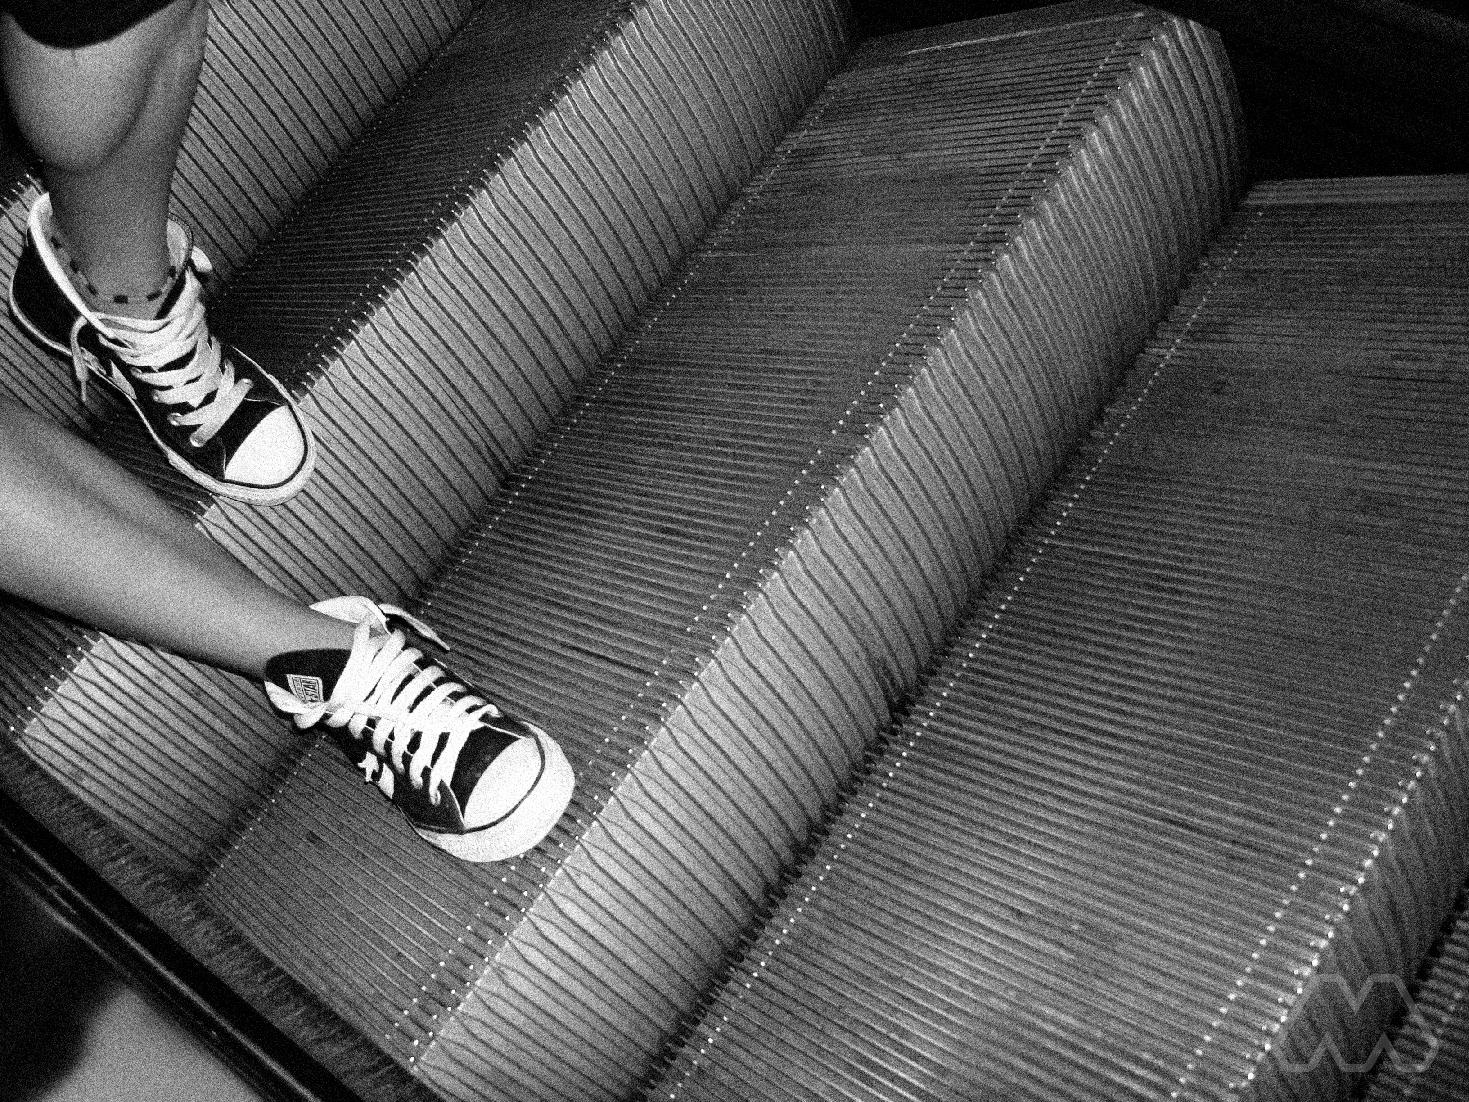 Chica bajando escaleras mecánicas